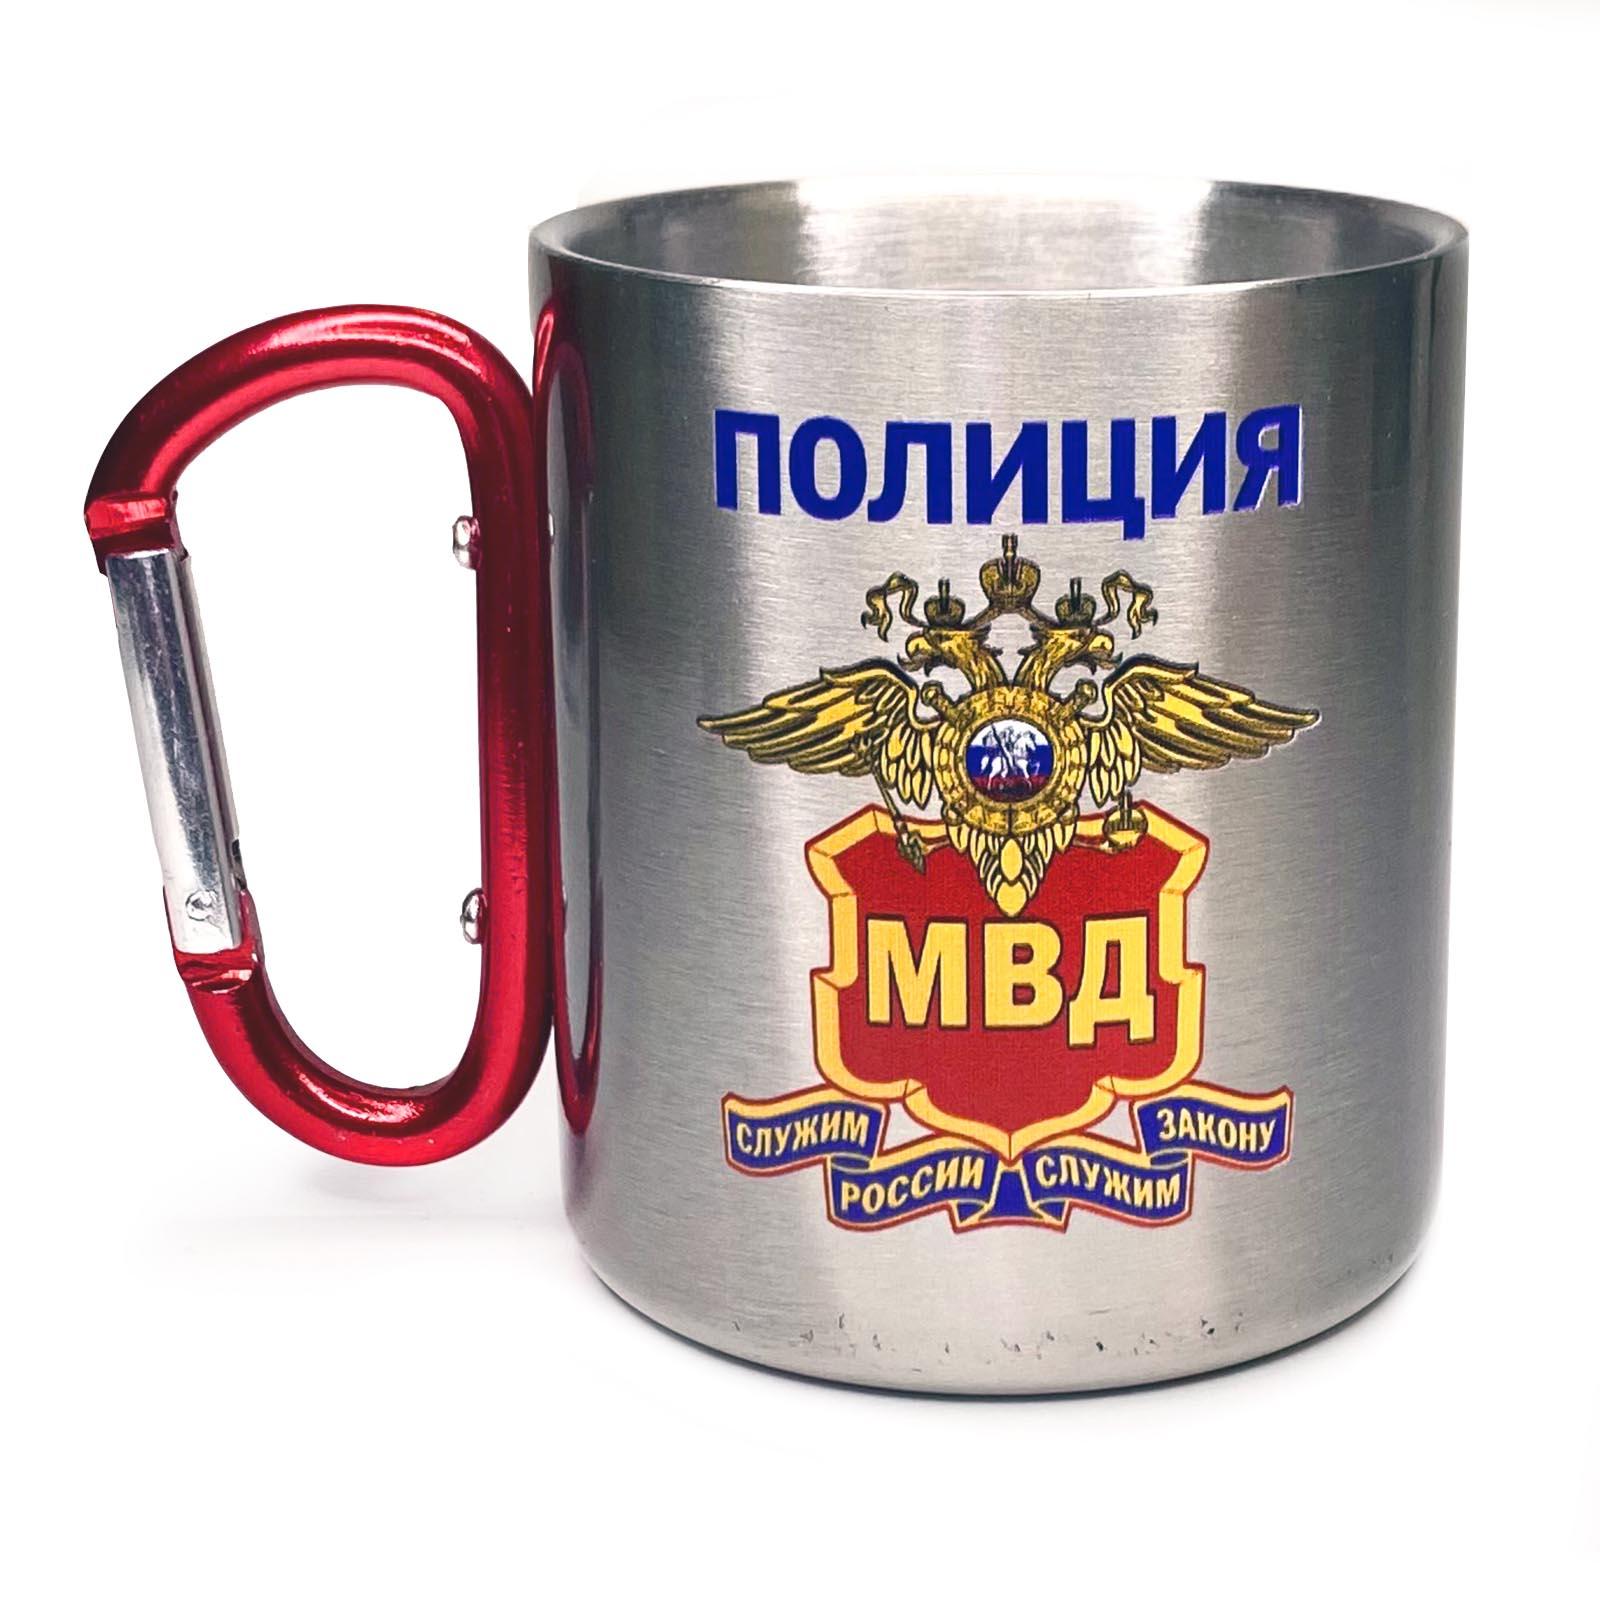 Подарочная кружка сотруднику МВД Полиция